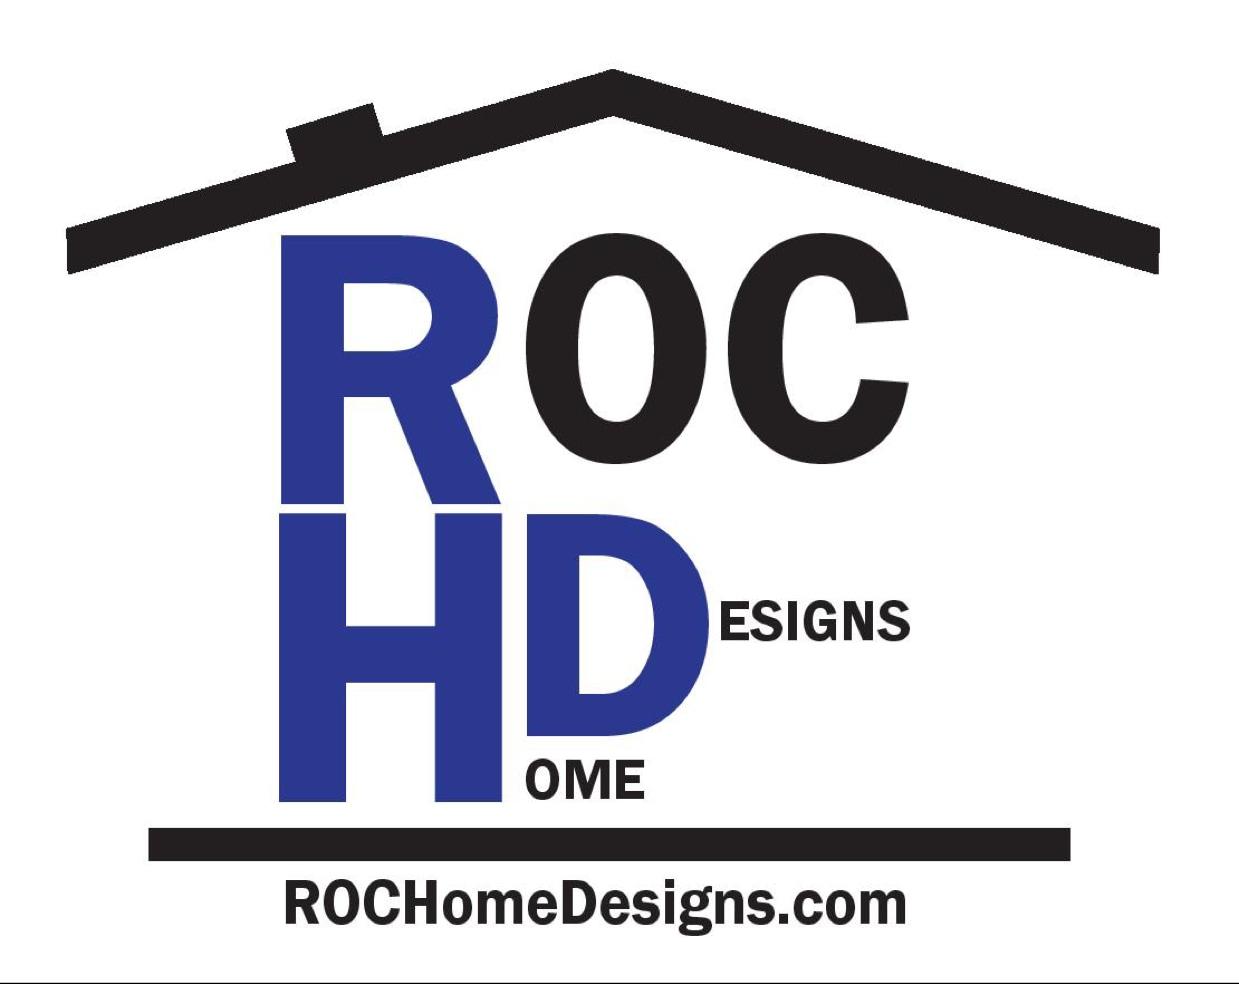 ROC Home Designs